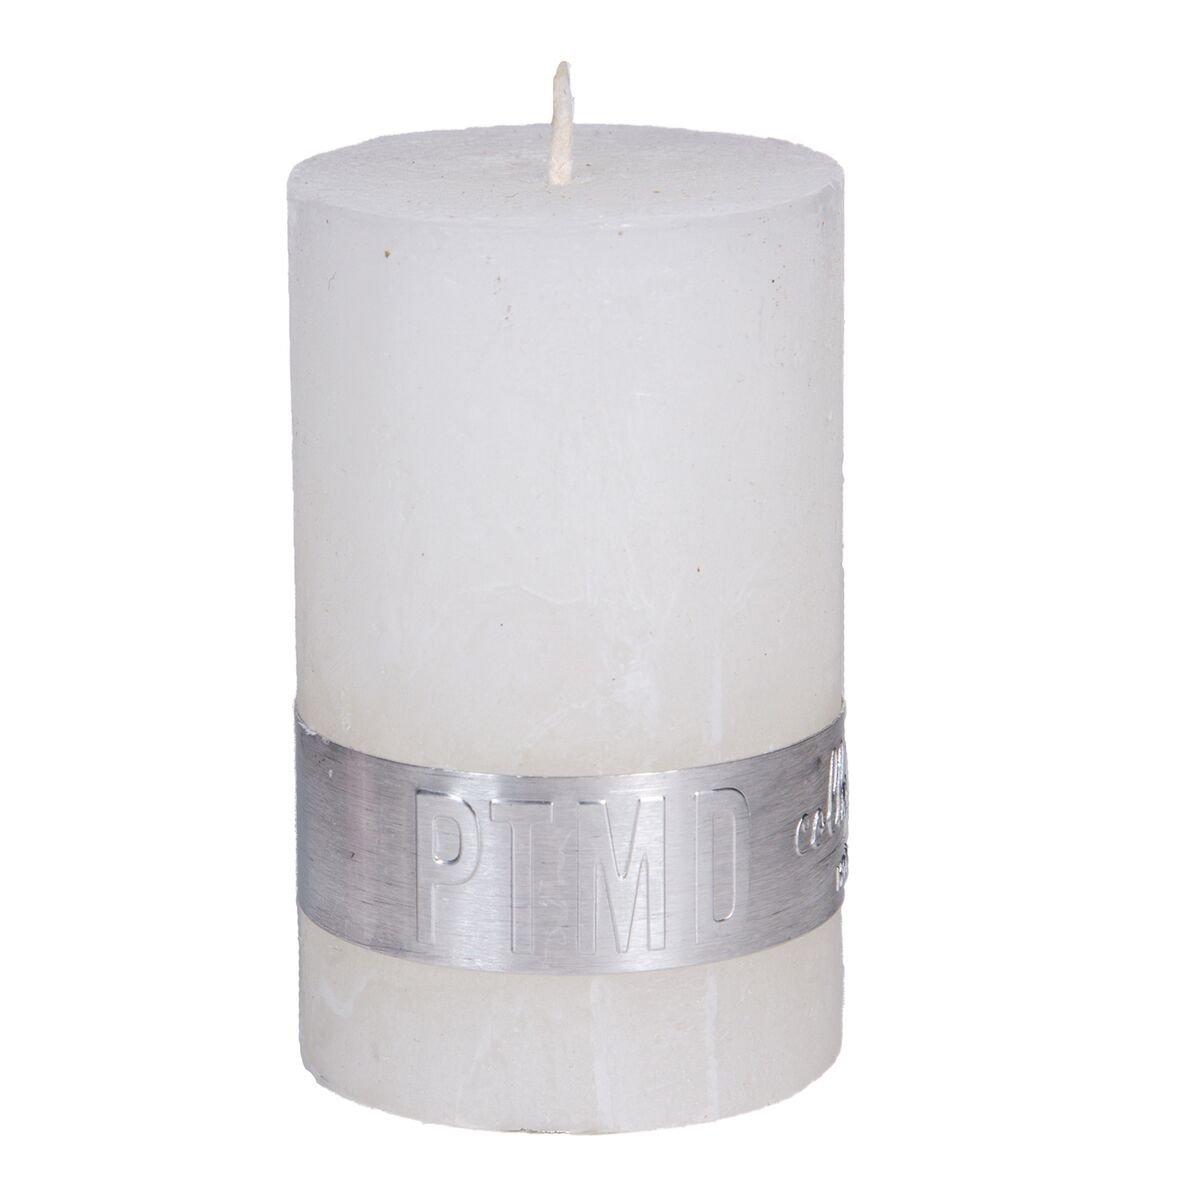 PTMD Kaars hot white 8x5cm